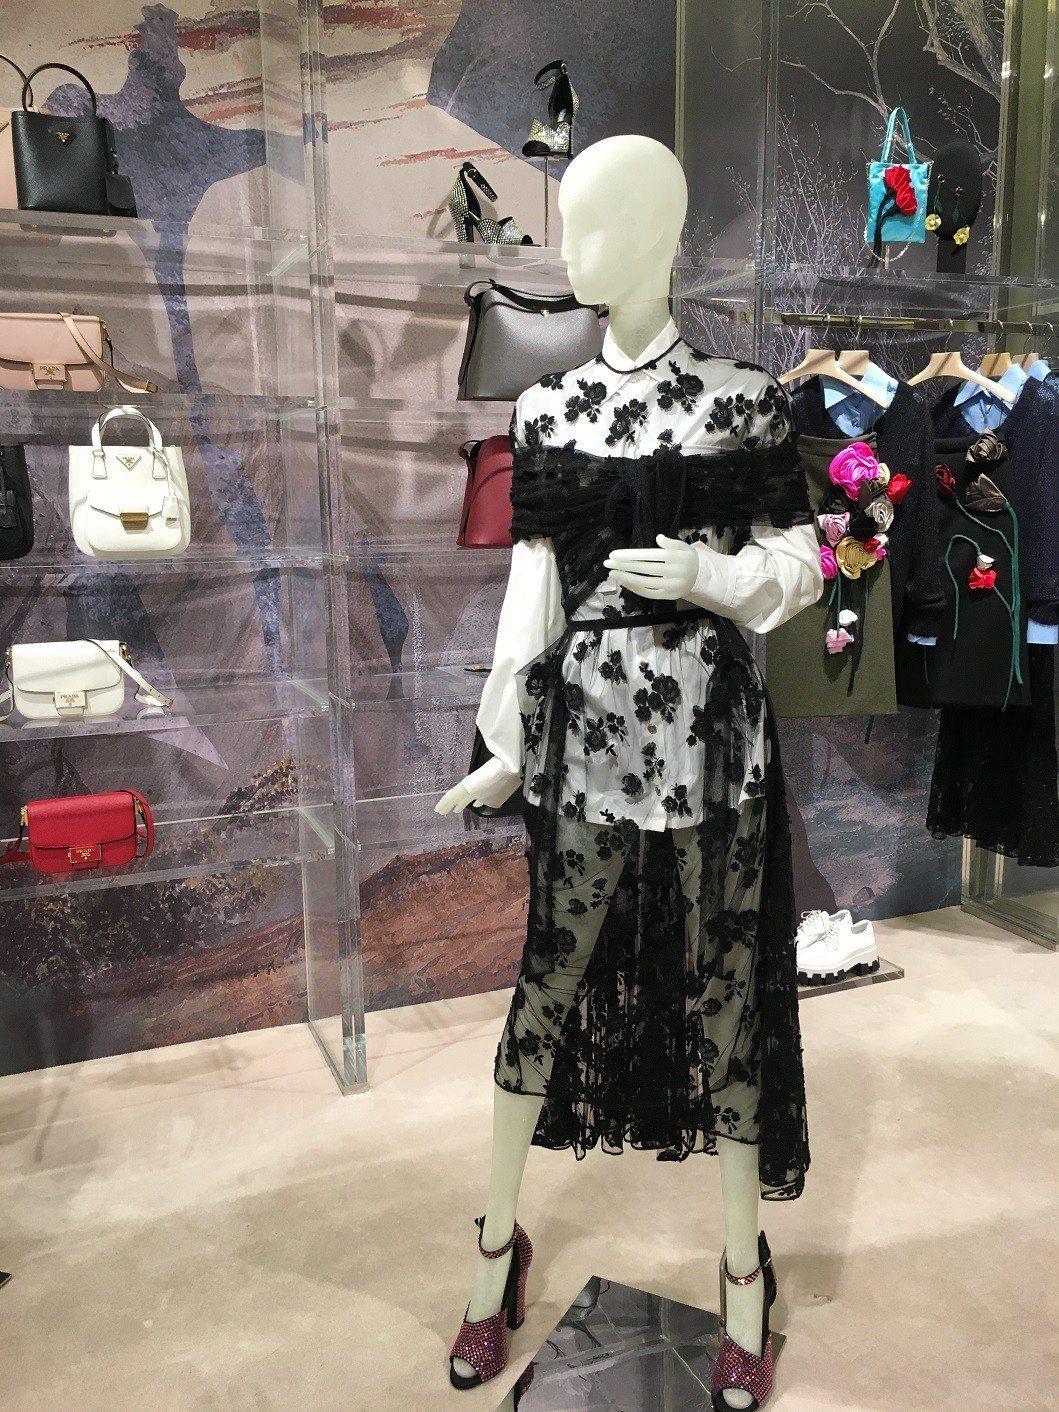 看似夢幻的透膚蕾絲卻用來搭配硬挺的襯衫與軍裝外套。記者吳曉涵/攝影